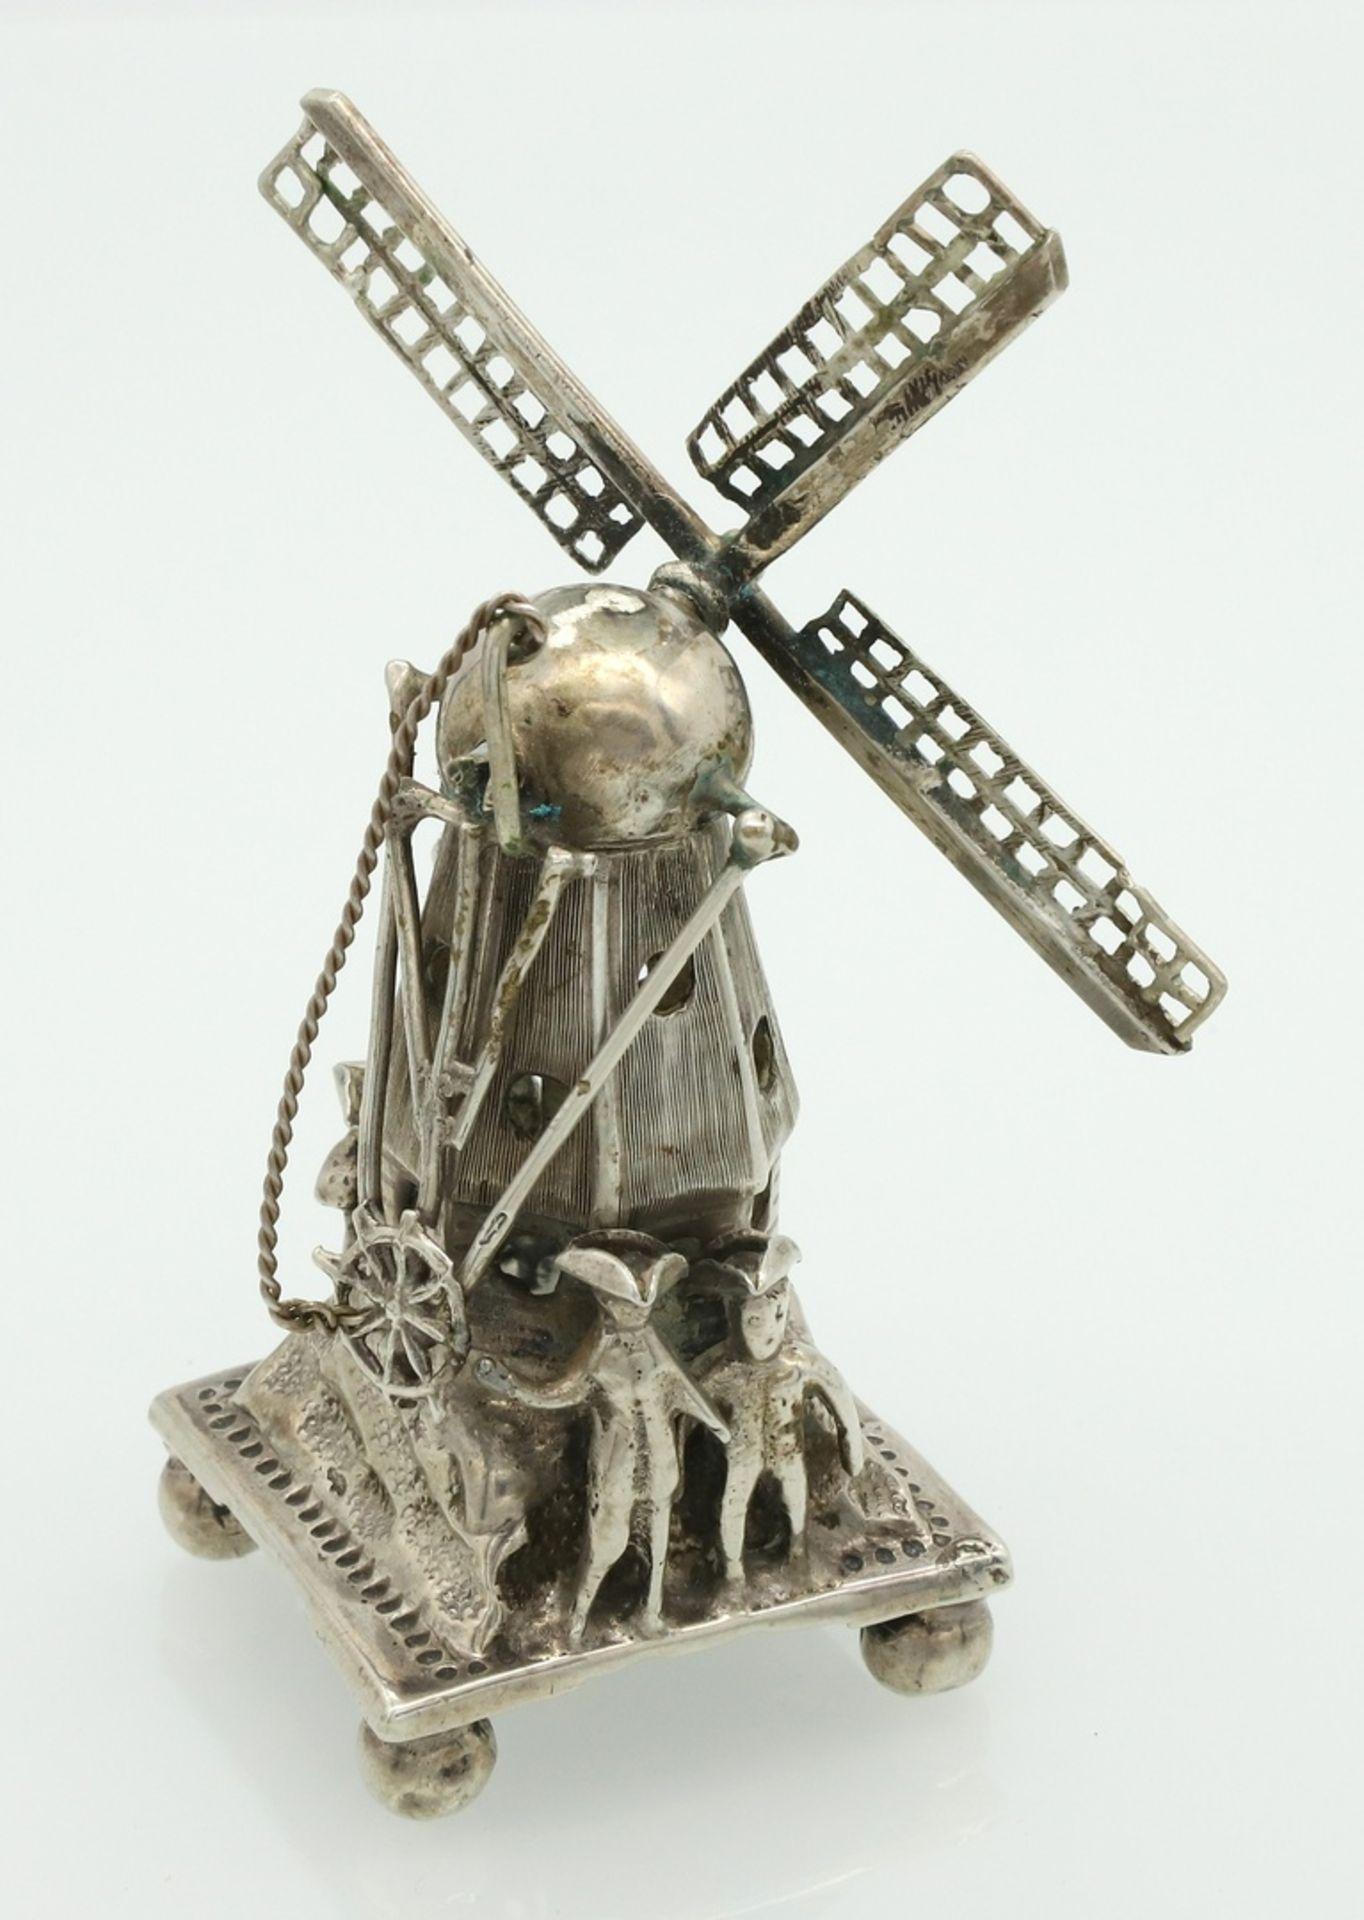 Miniatur einer Windmühle - Bild 3 aus 4